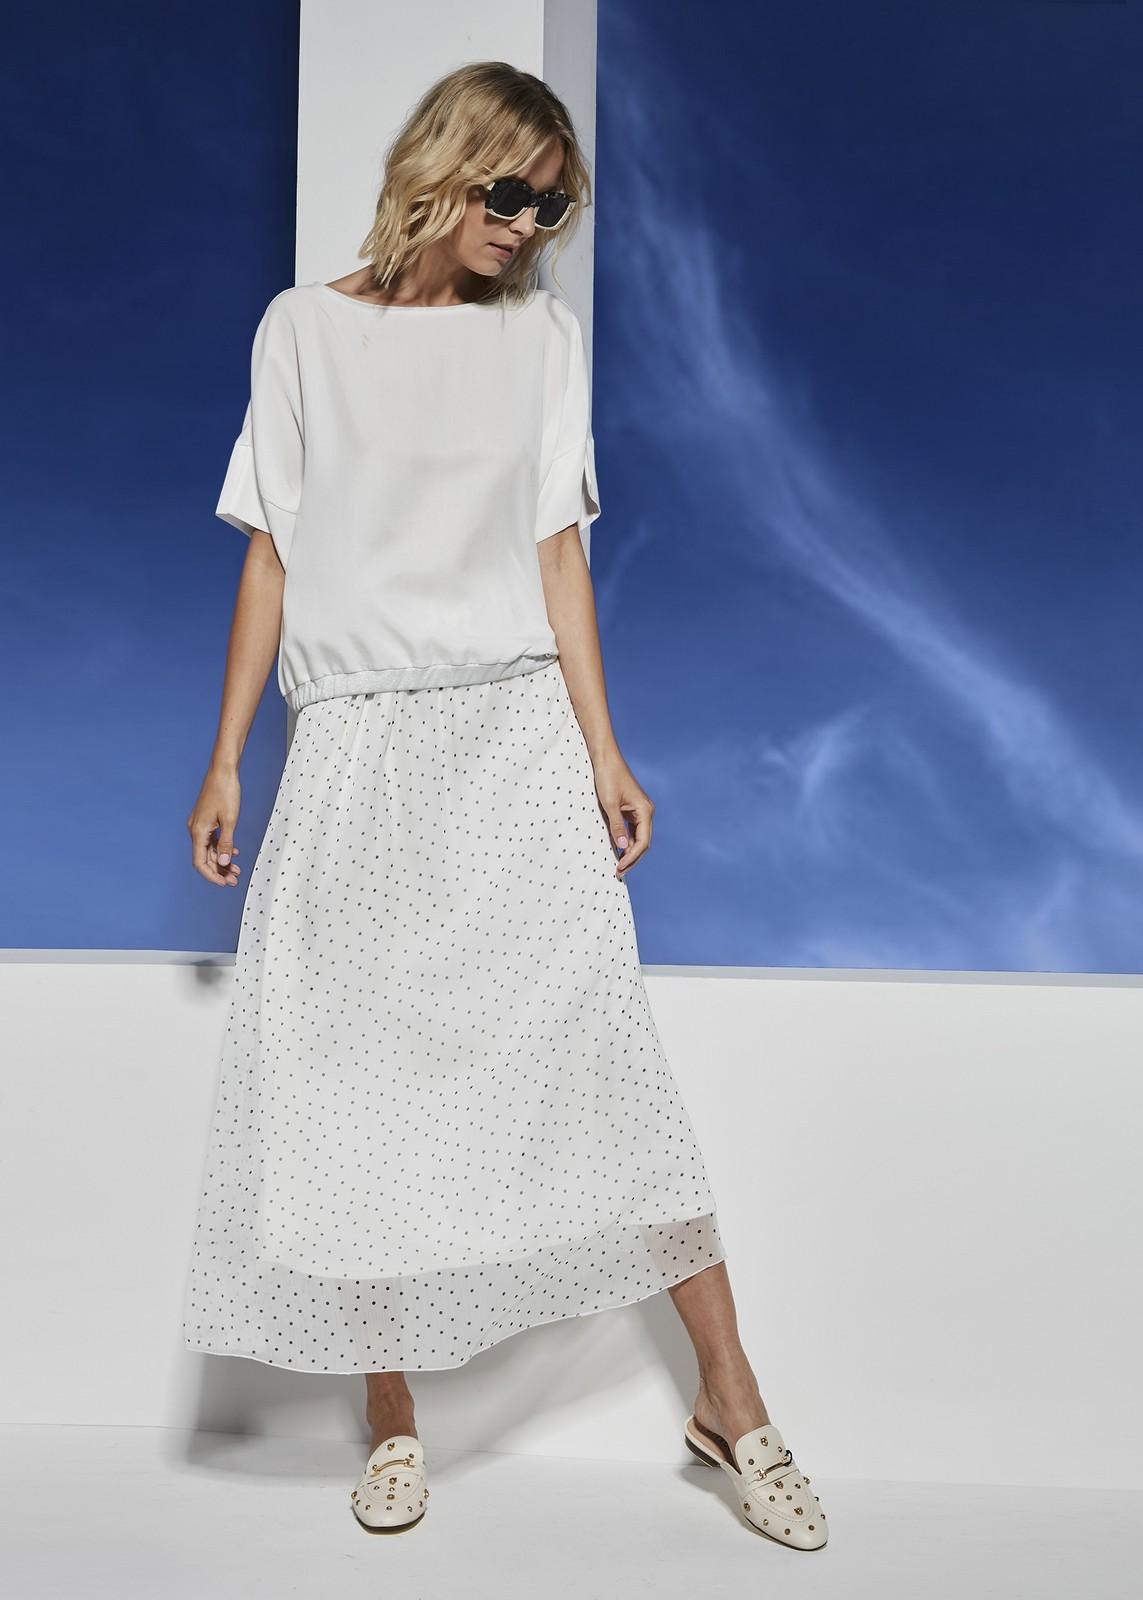 biała szyfonowa spódnica w czarne kropeczki